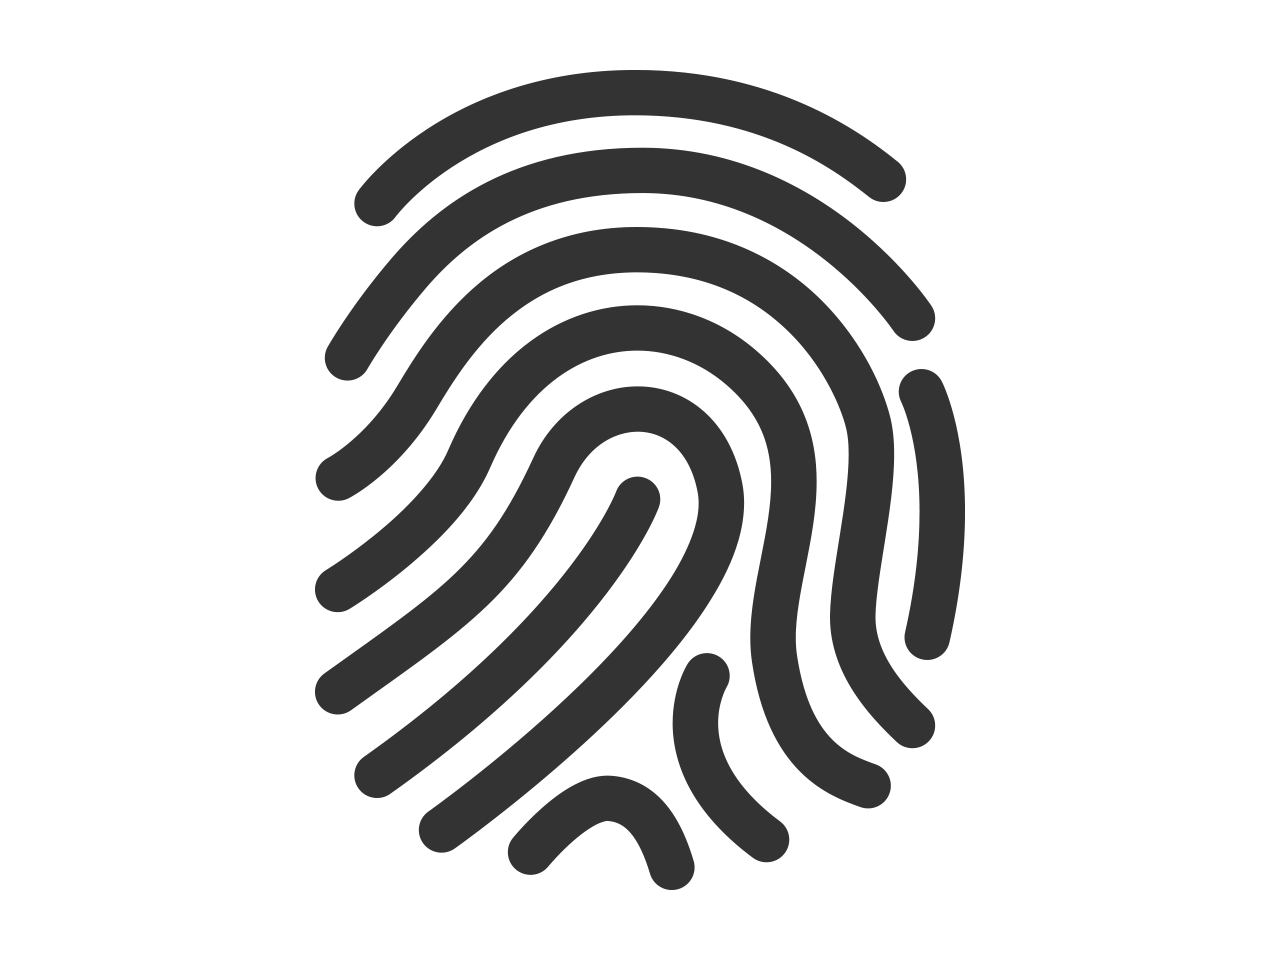 png black and white stock fingerprint